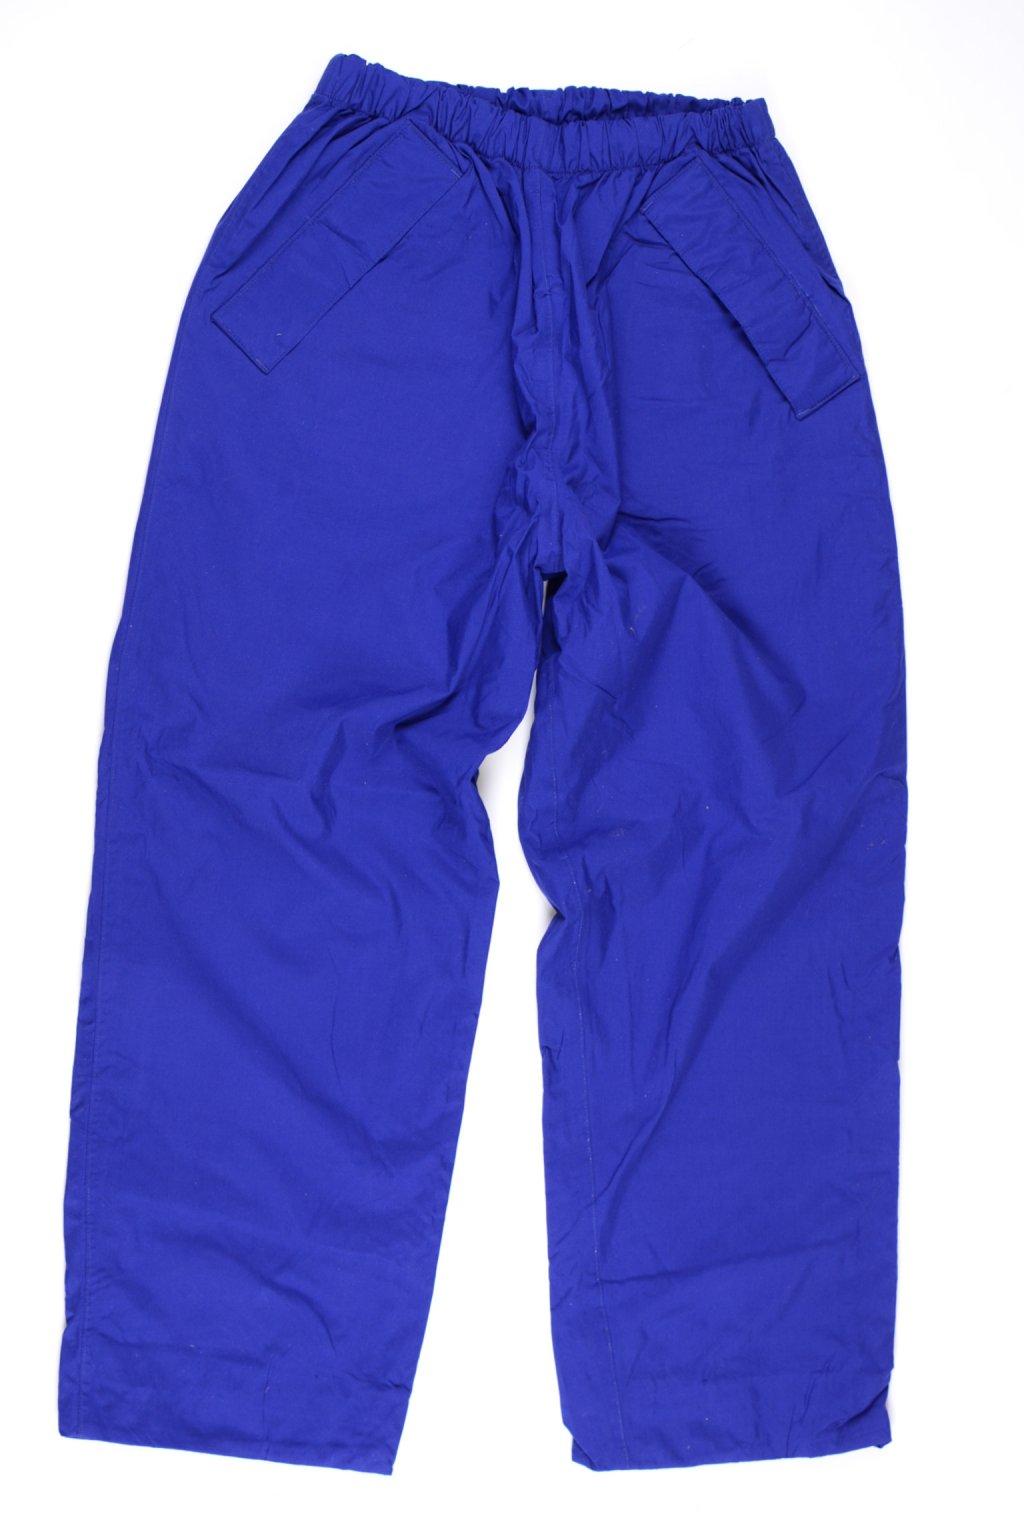 Kalhoty s podšívkou sportovní  modré vel M do gumy